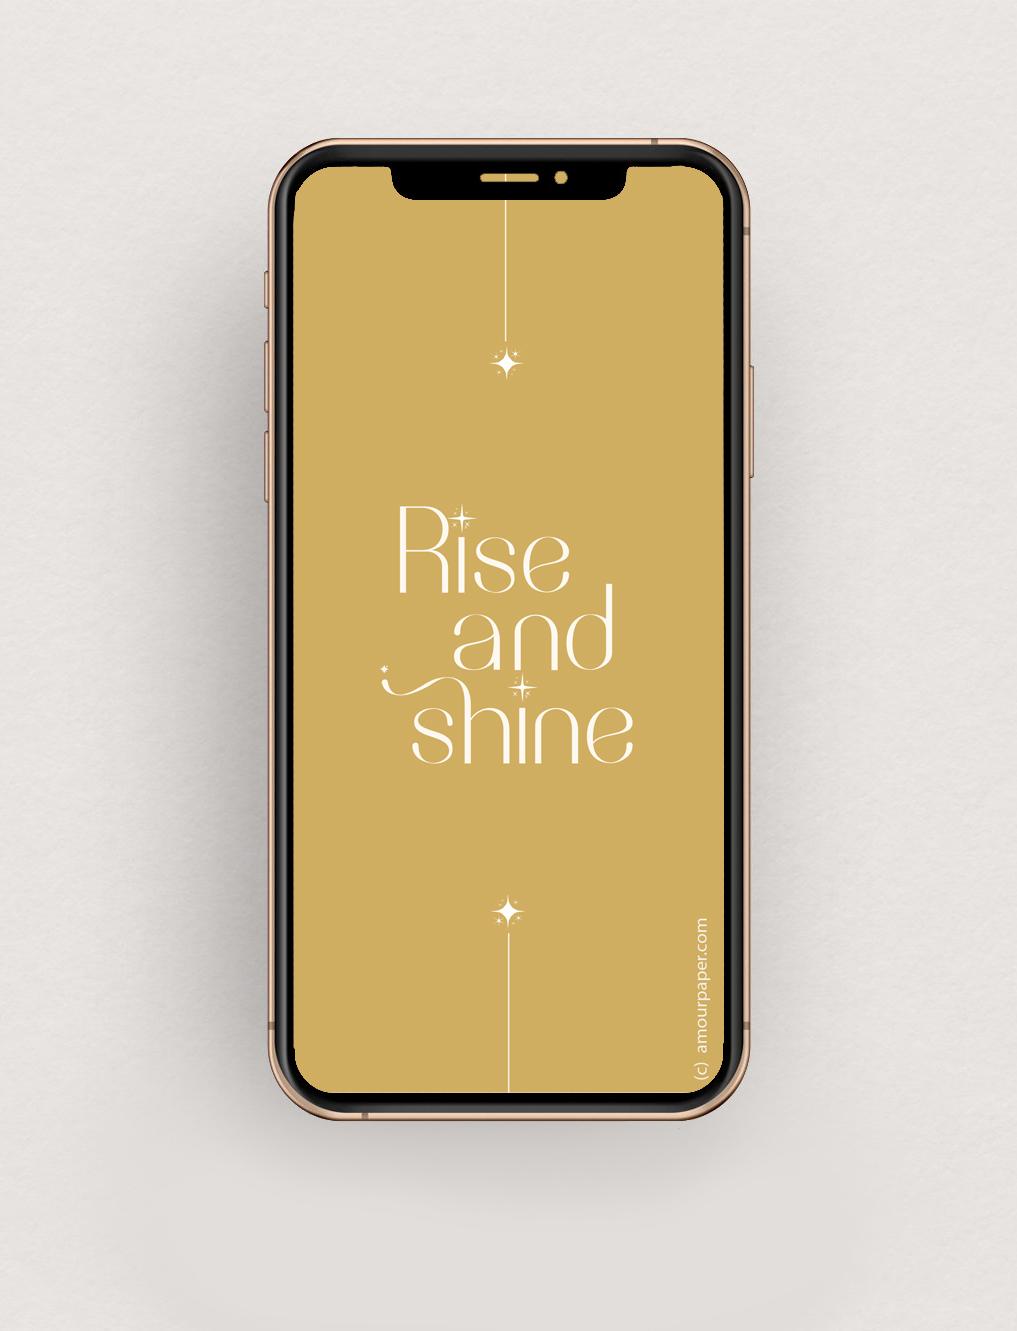 Fond d'écran Rise and shine